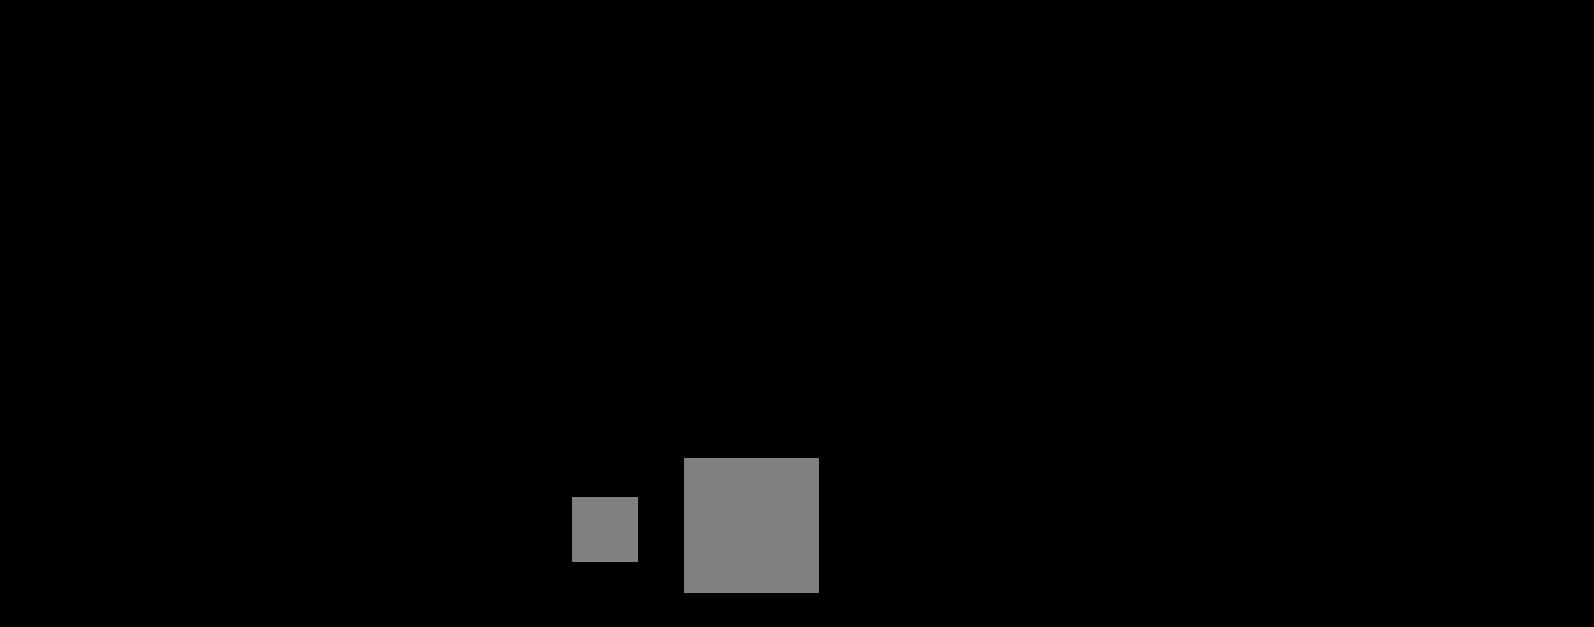 Инструкция по применению сч 84 при списании безвозмездно переданной продукции